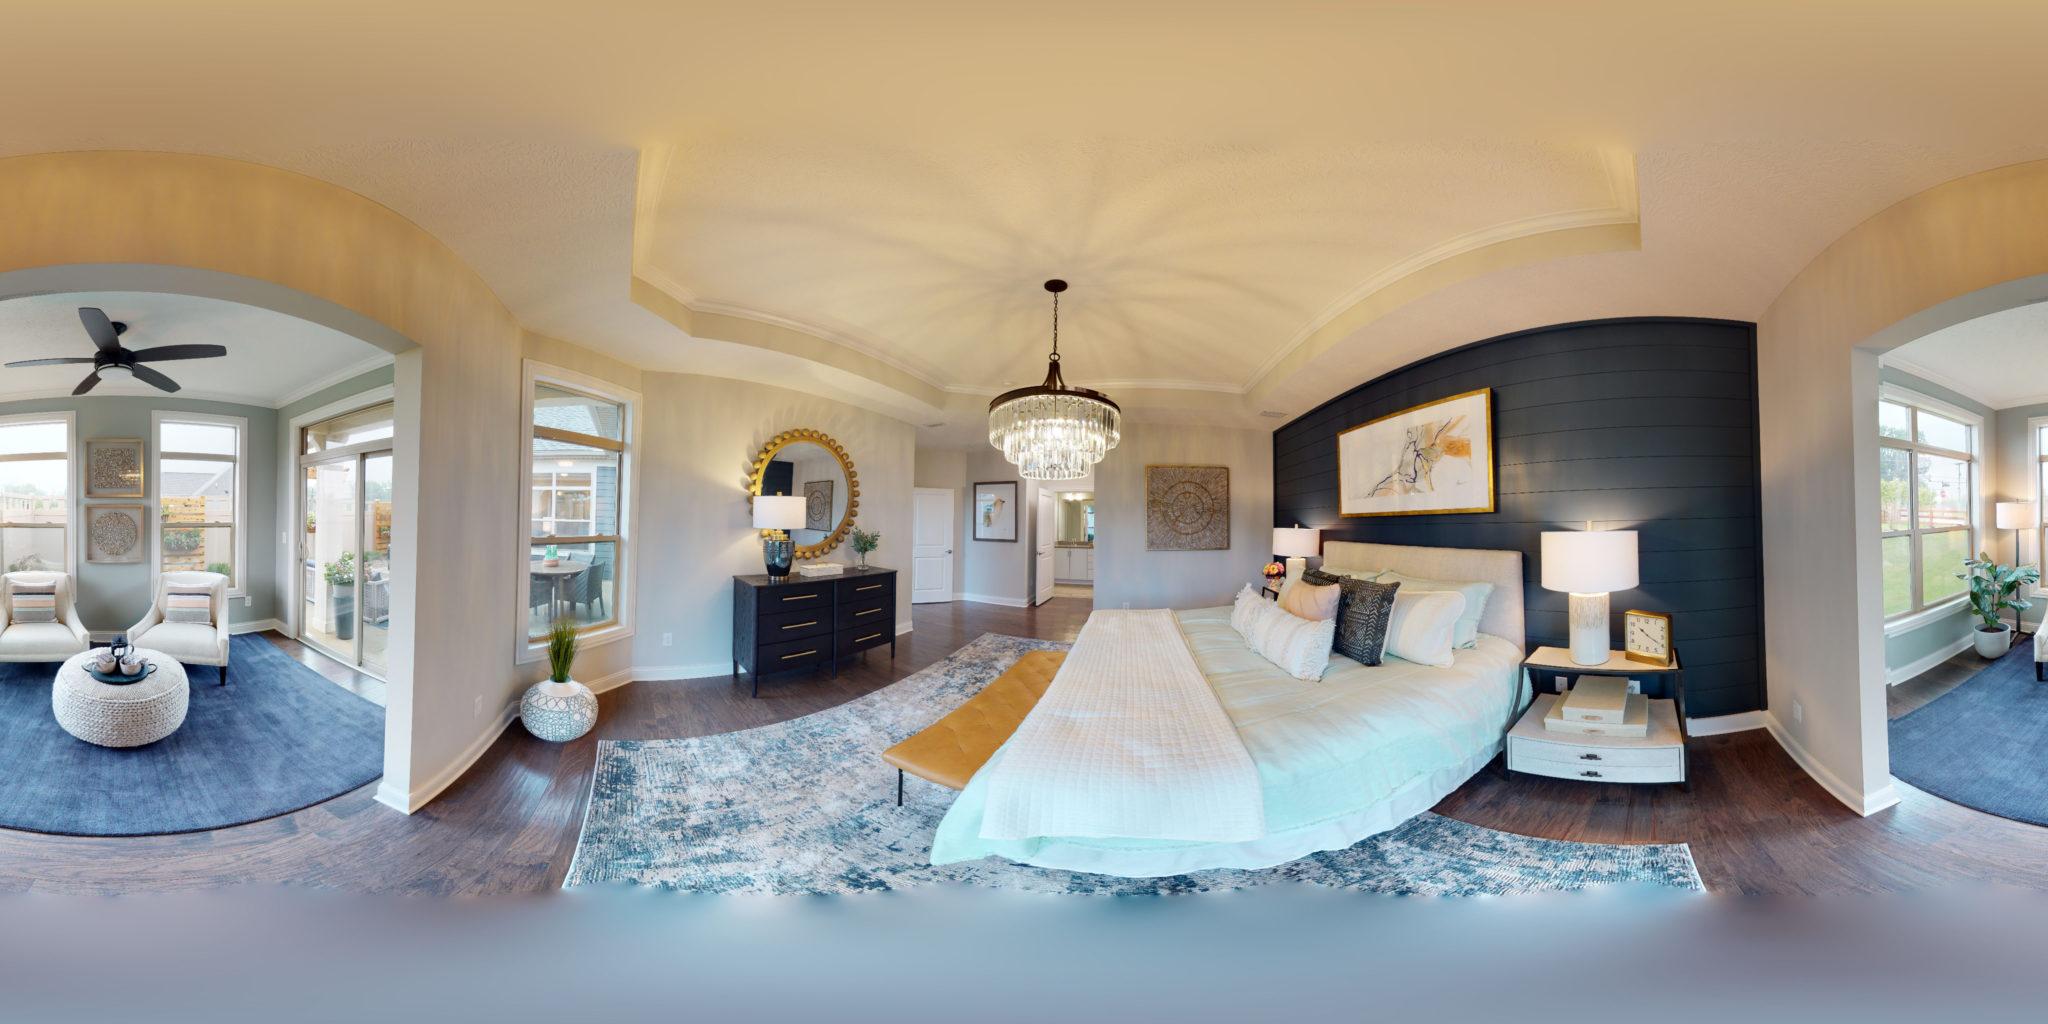 Portico_Interior_Owner's Suite